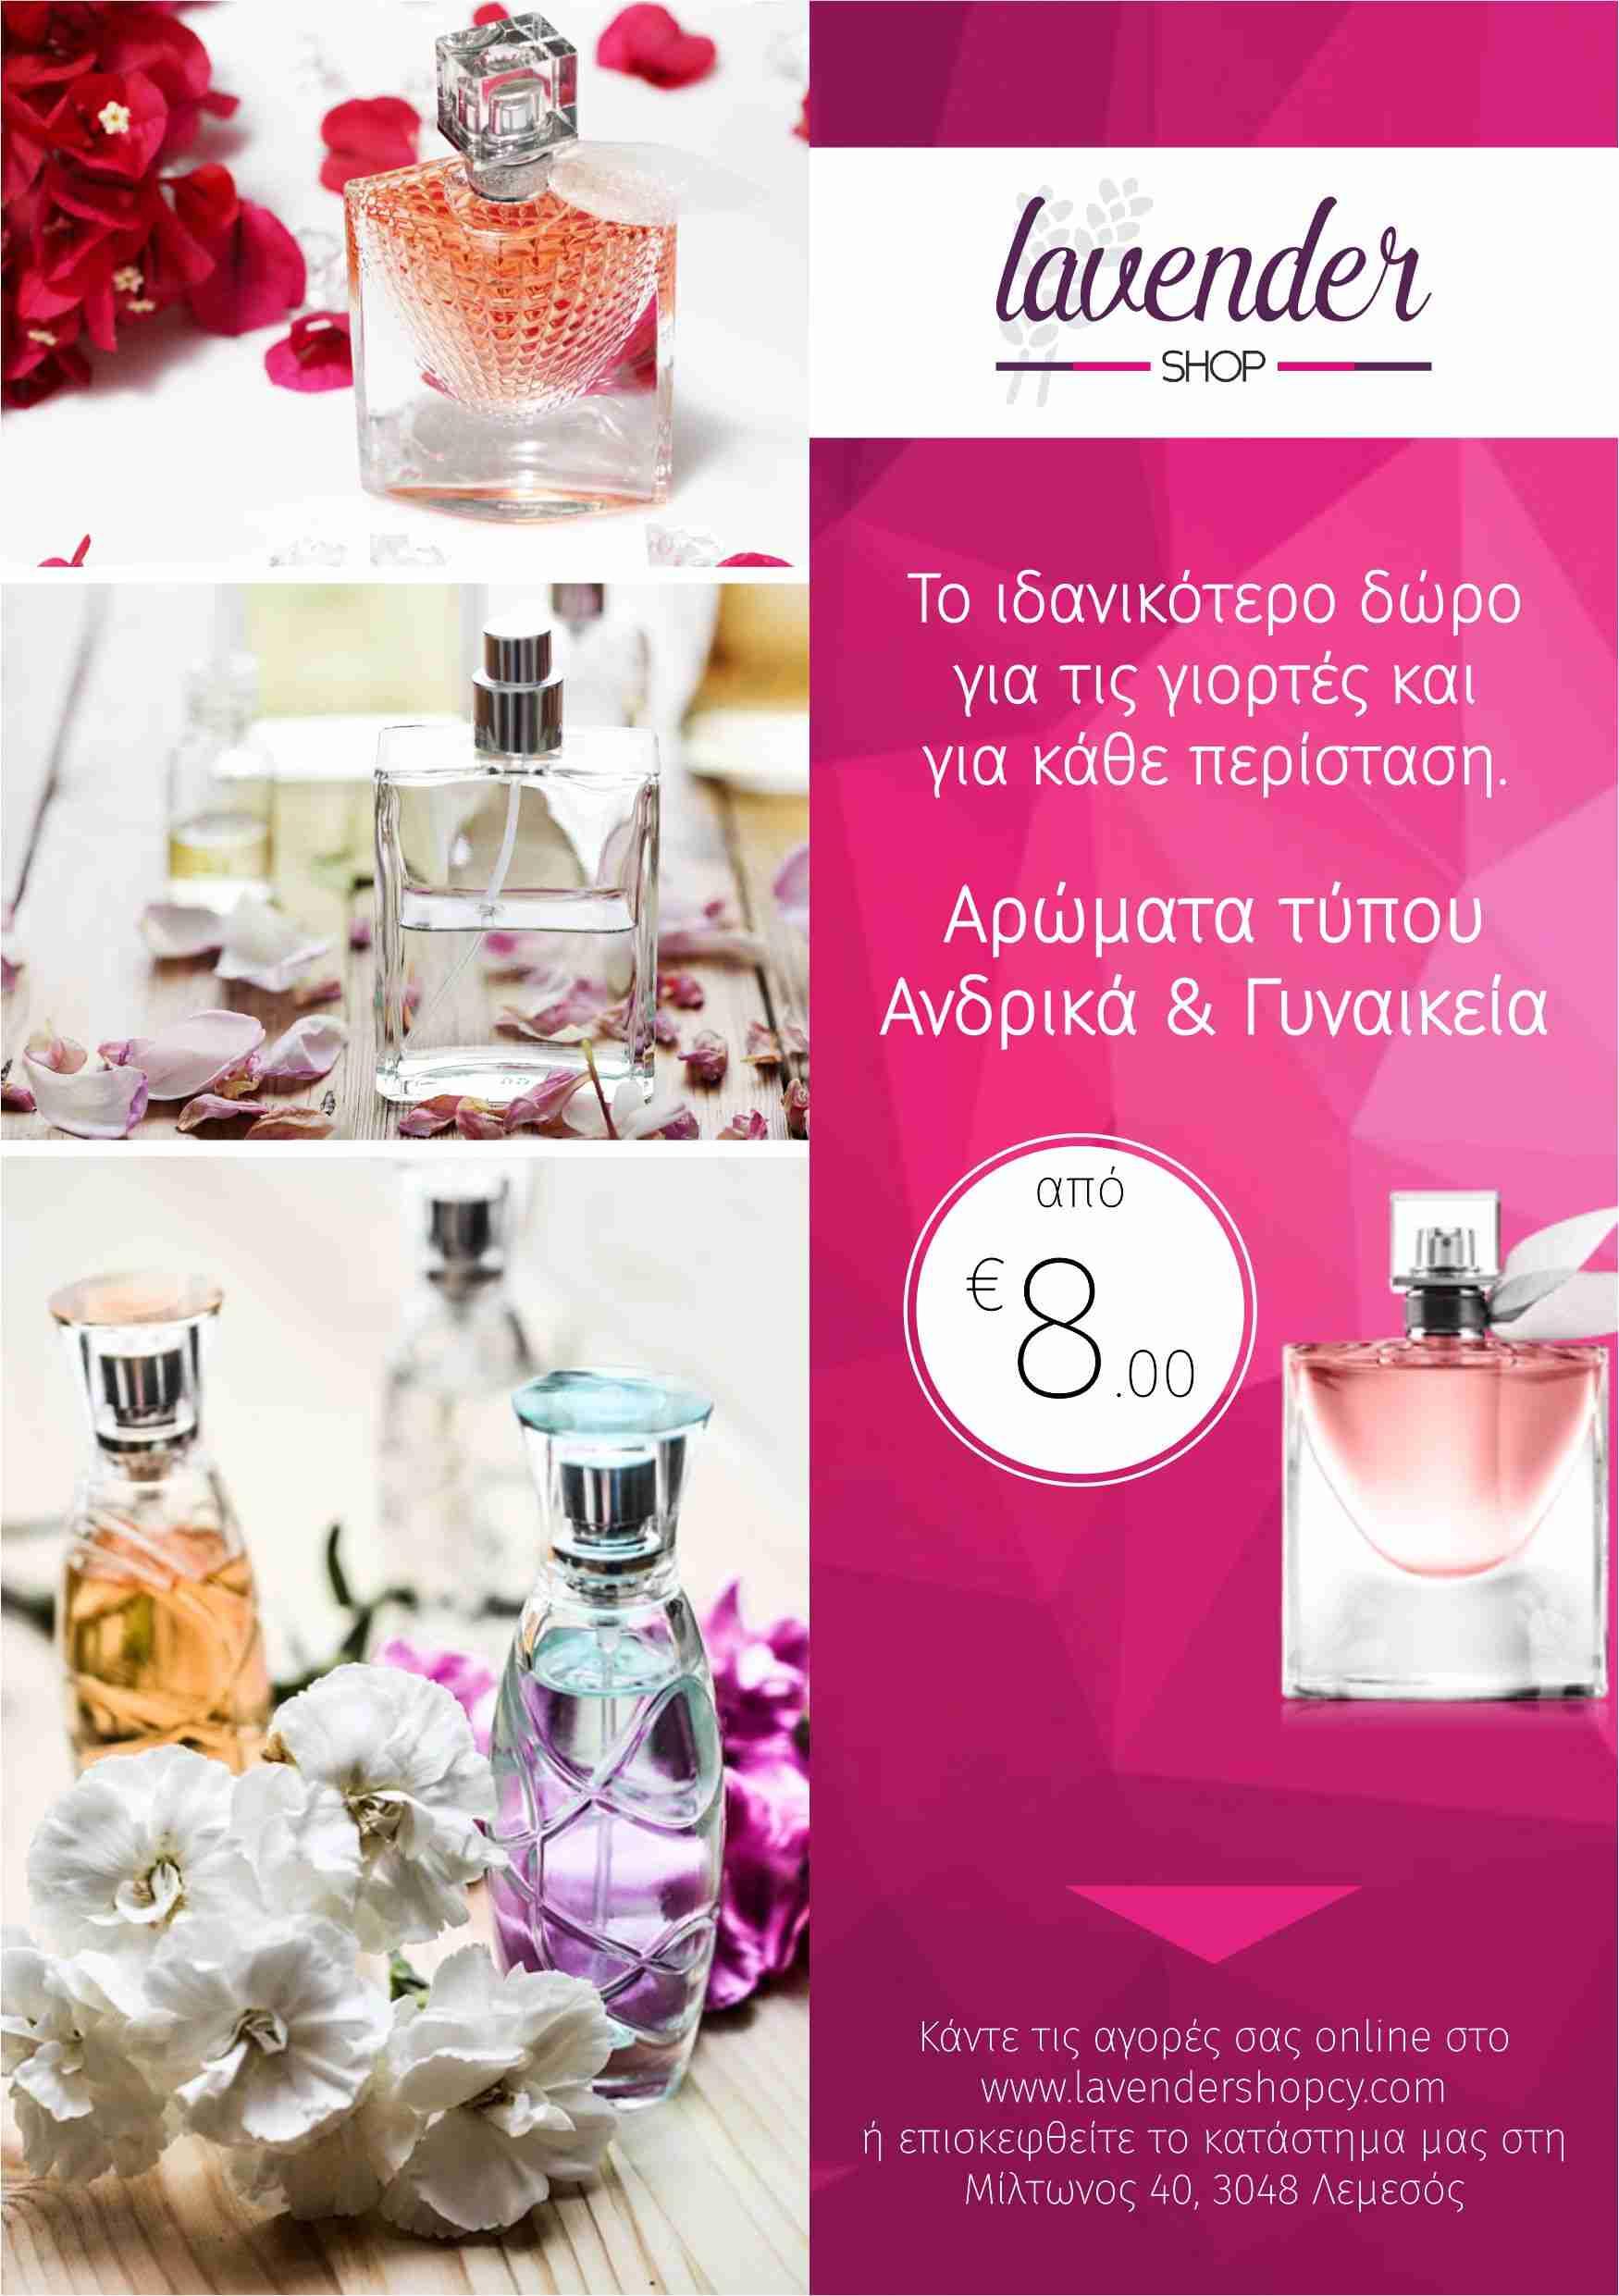 Lavender-perfumes-21-12-18